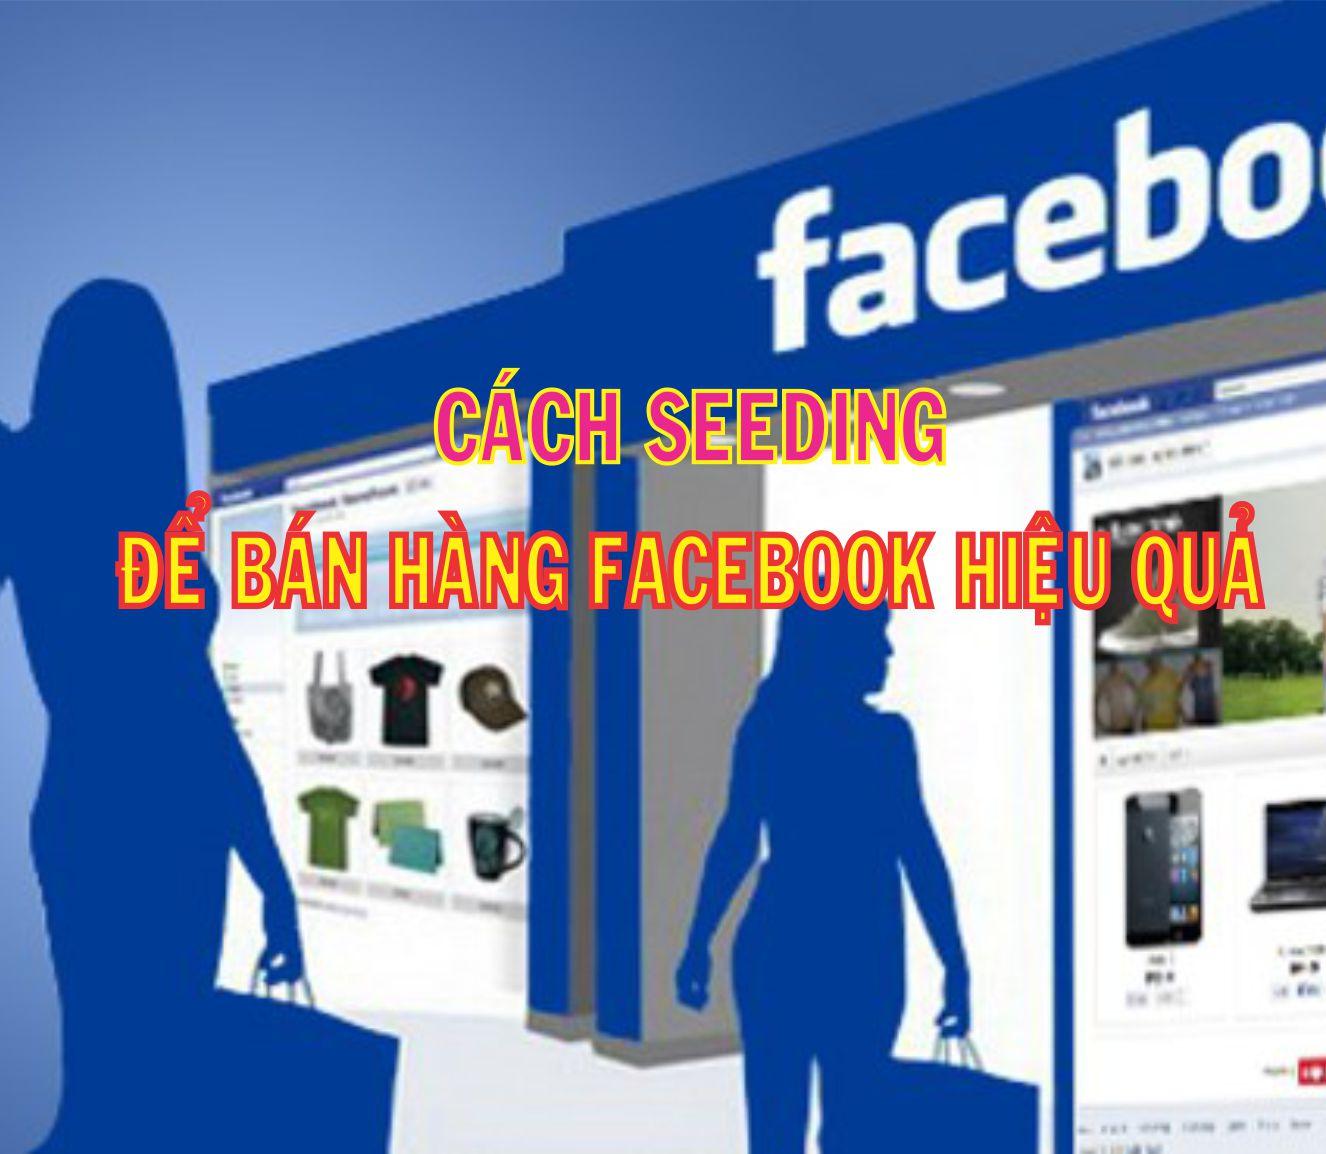 seedig facebook hiệu quả